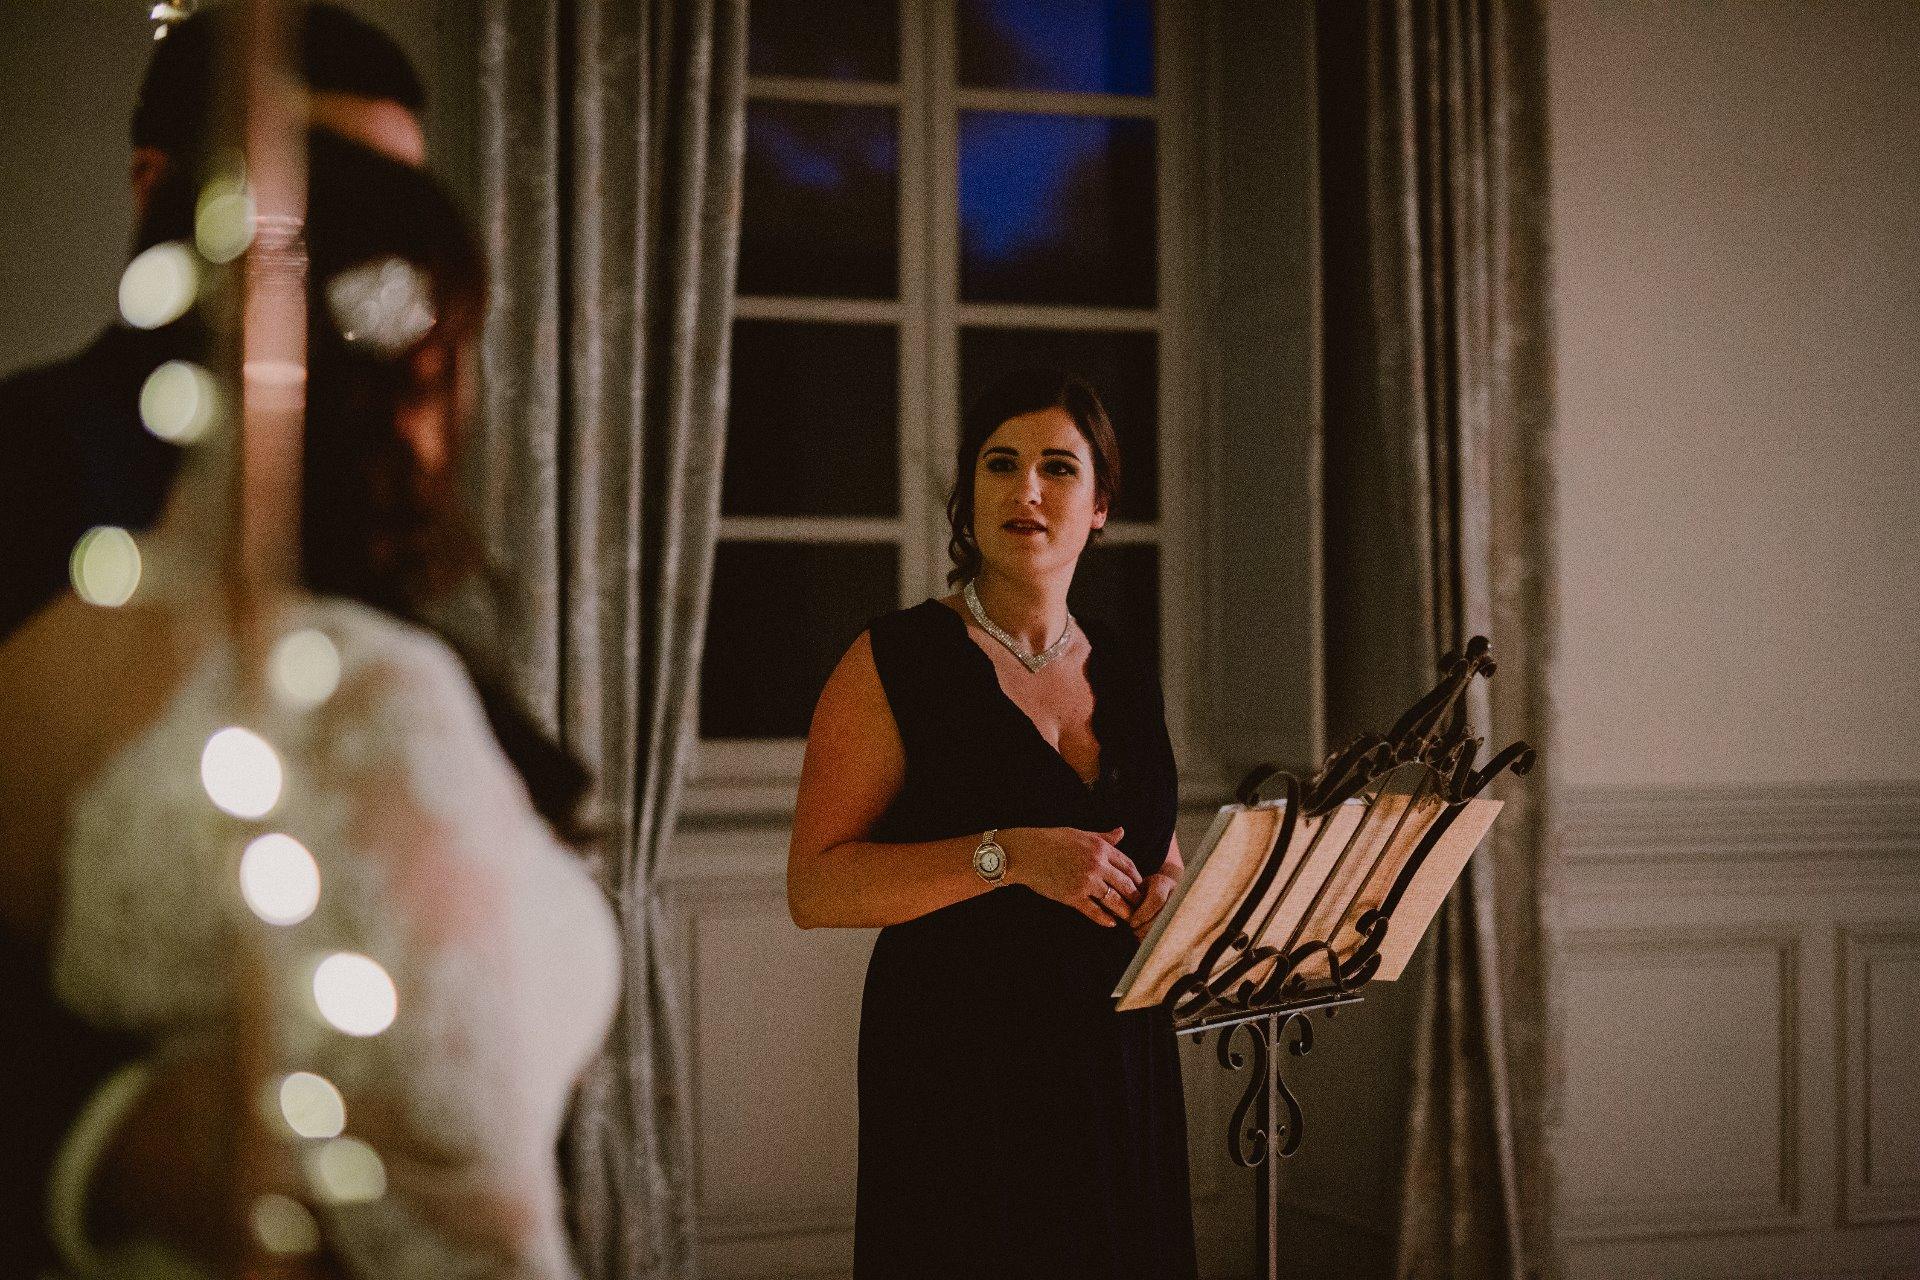 sterenn-officiante-ceremonie-laique-ceremony-nuit-puptitre